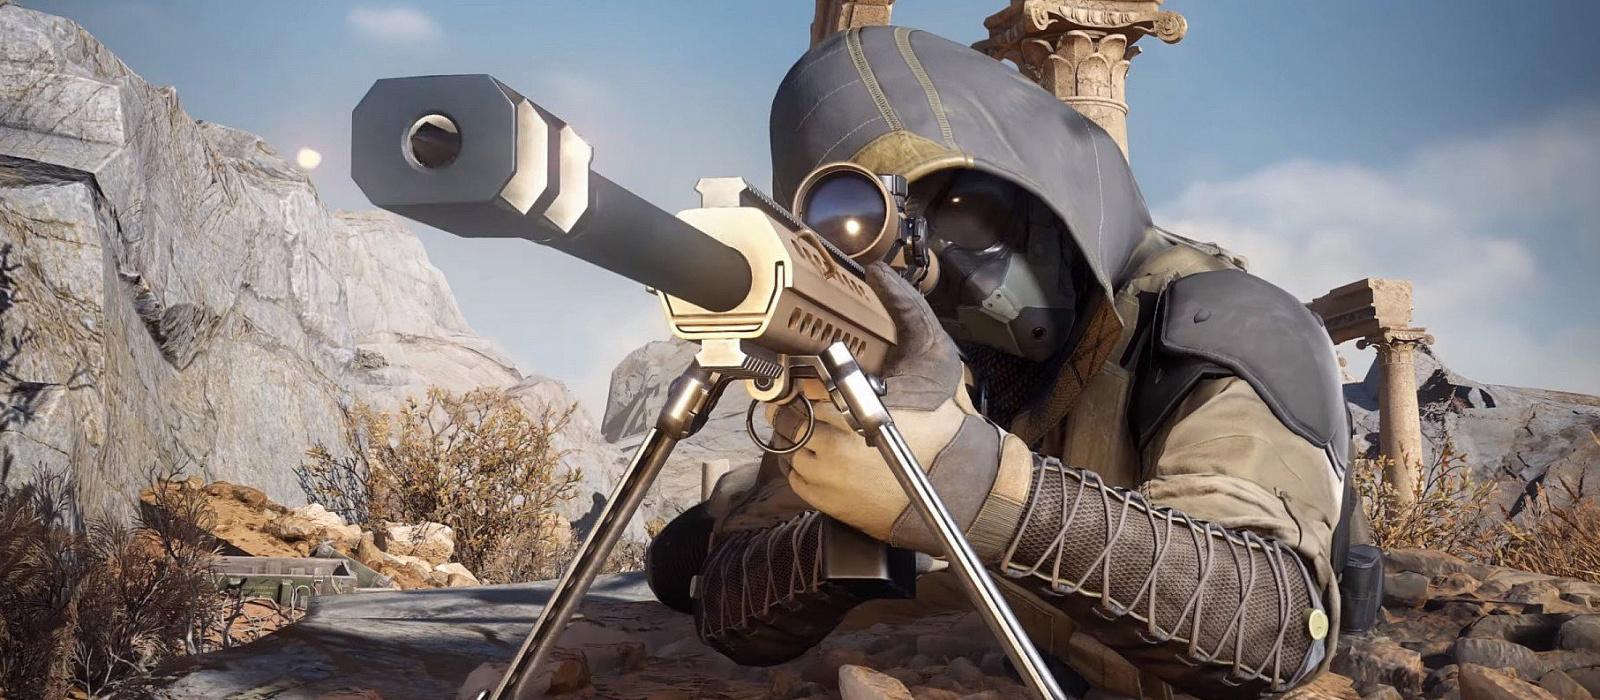 Sniper Ghost Warrior Contracts 2 Kostenloser DLC veröffentlicht